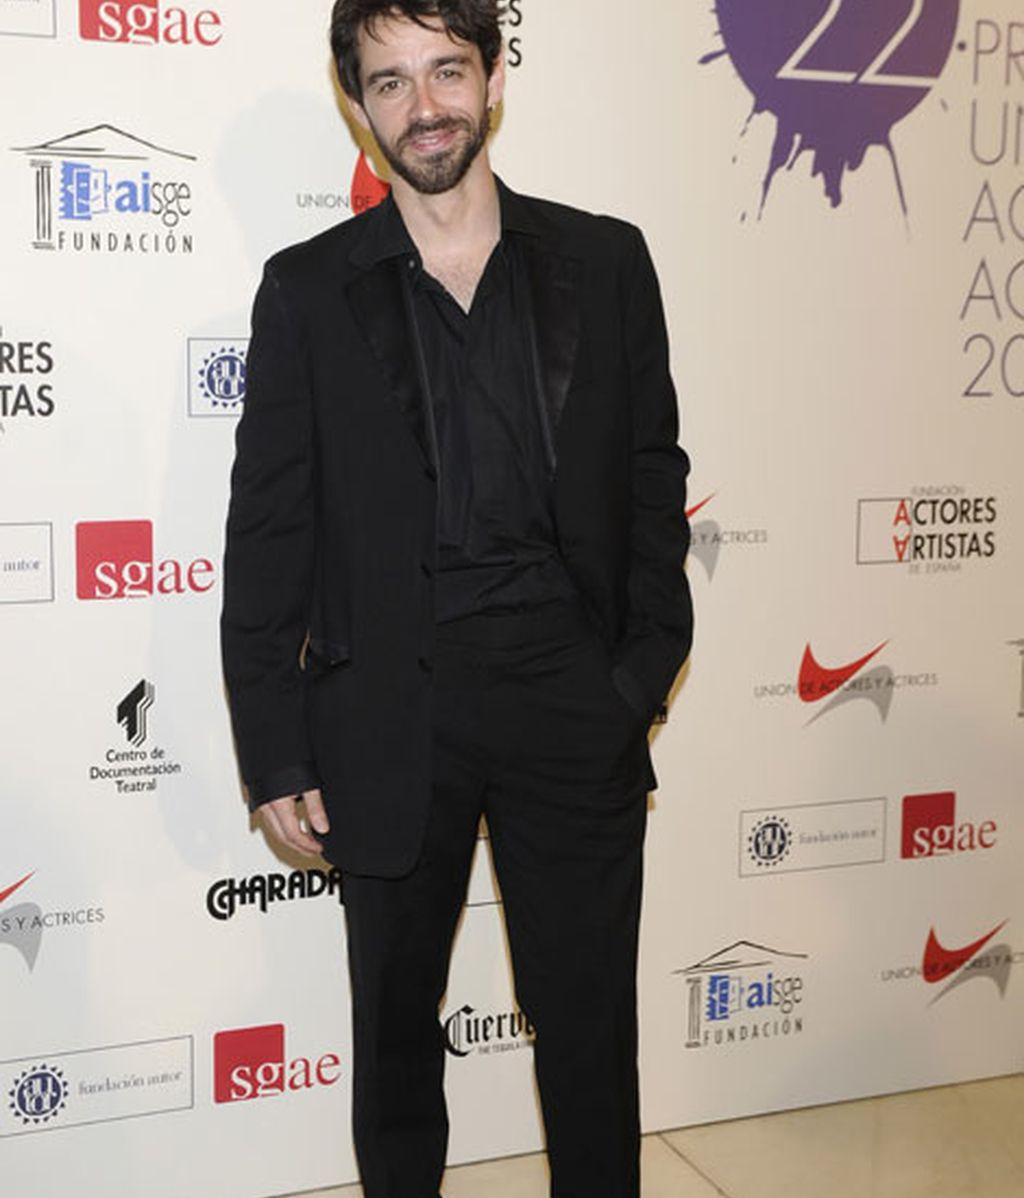 El actor Alberto Amarilla, con un look 'total black'